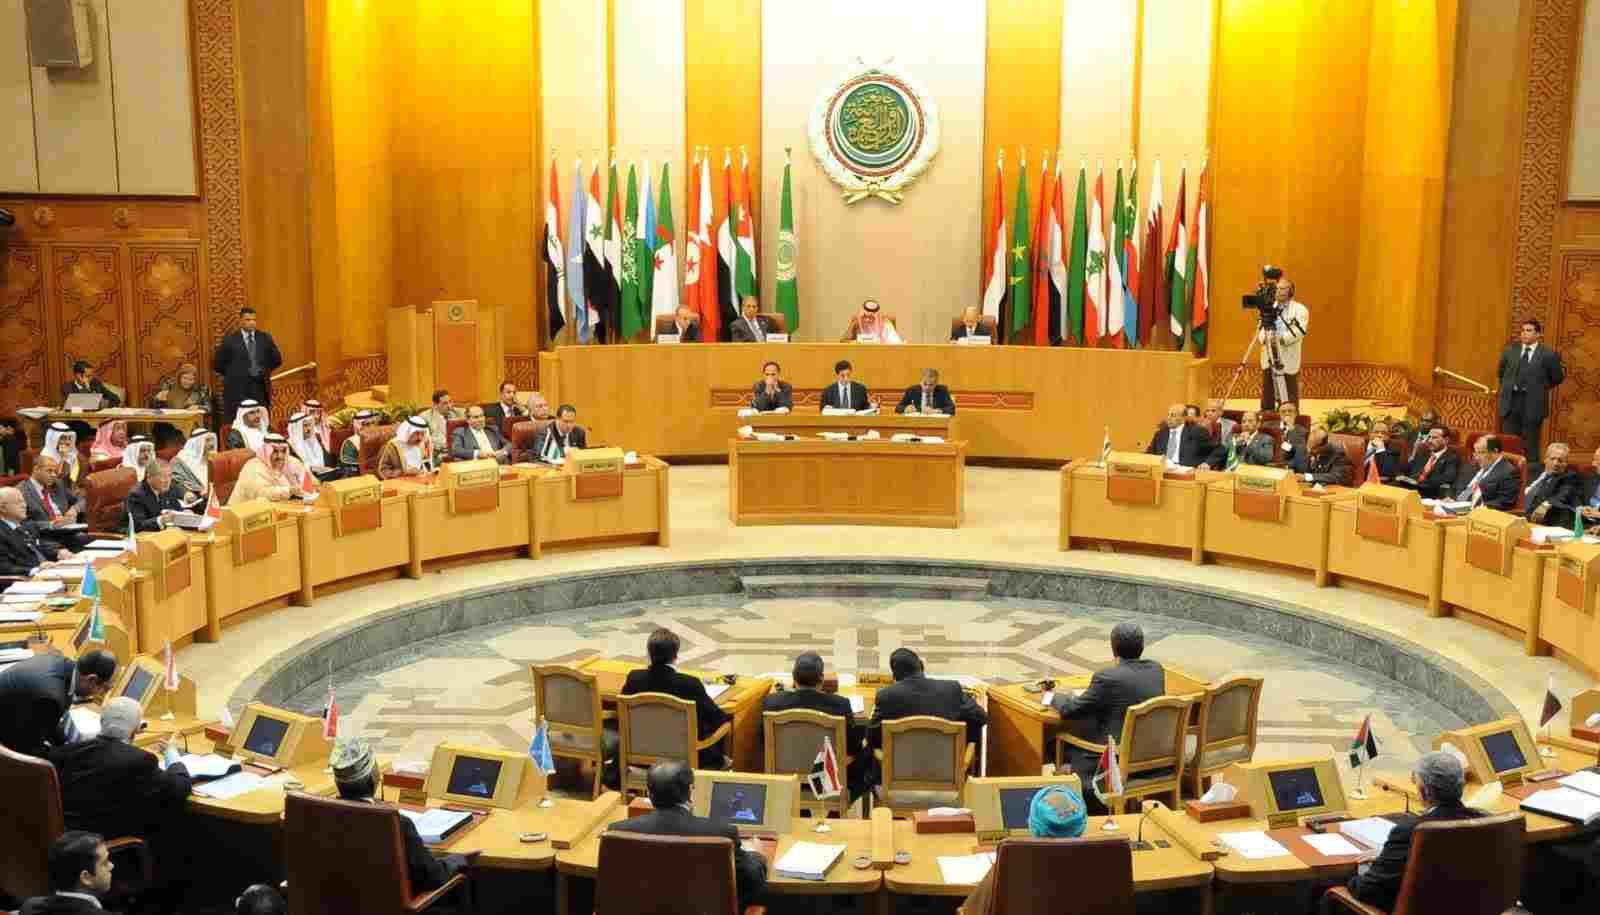 لماذا لا تُعقد قمة عربية حول سوريا الآن؟